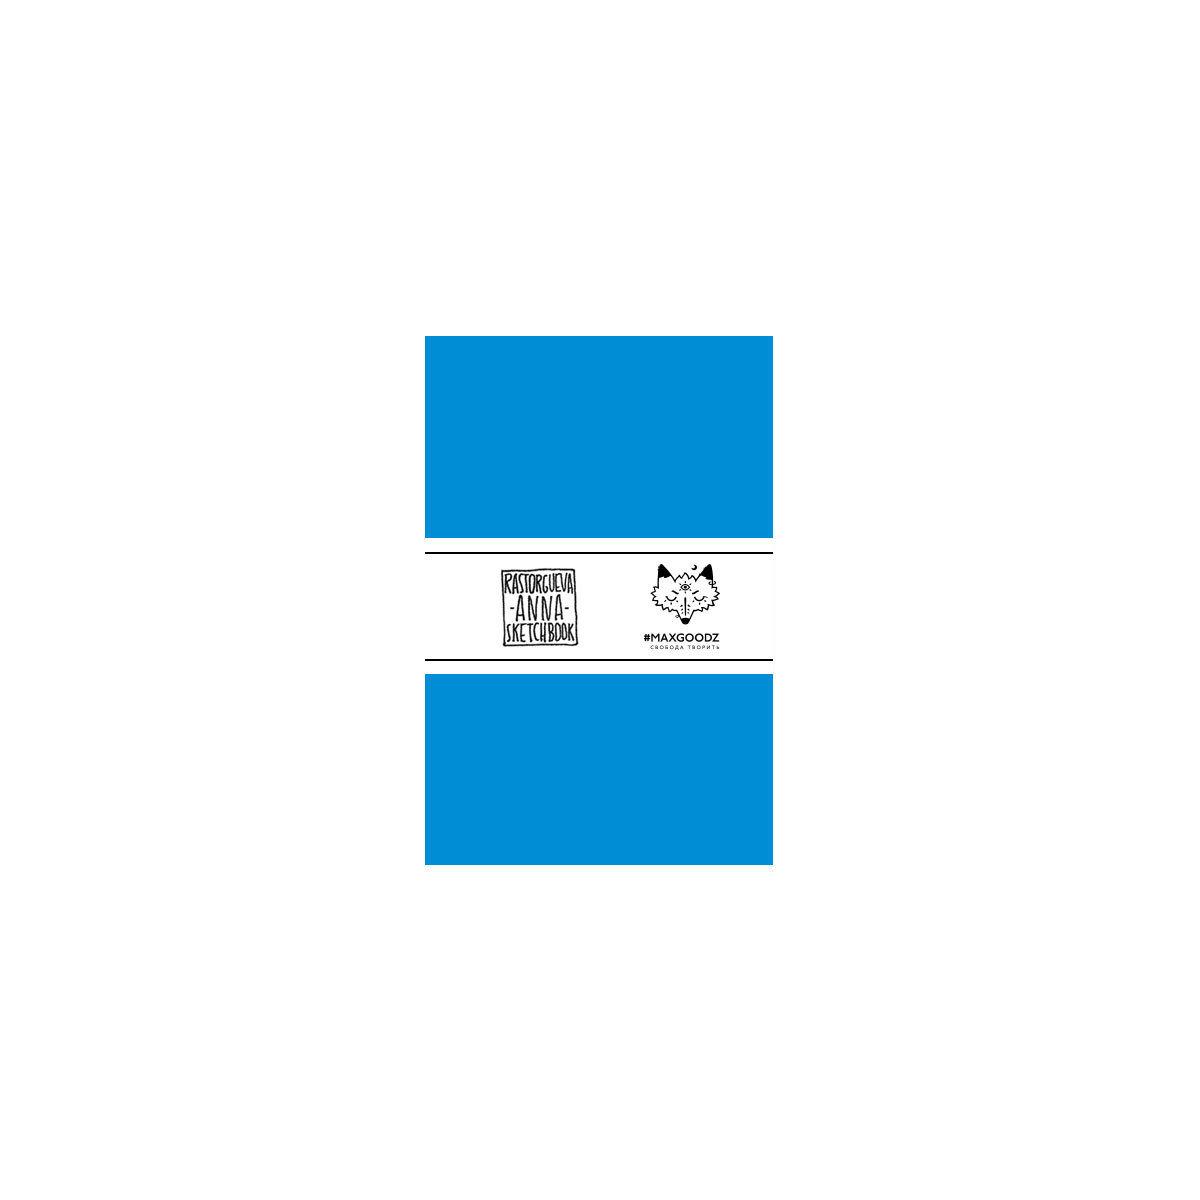 Купить Скетчбук для маркеров Maxgoodz Pocket Marker А6, 20 л, 220 г Бирюзовый, Россия